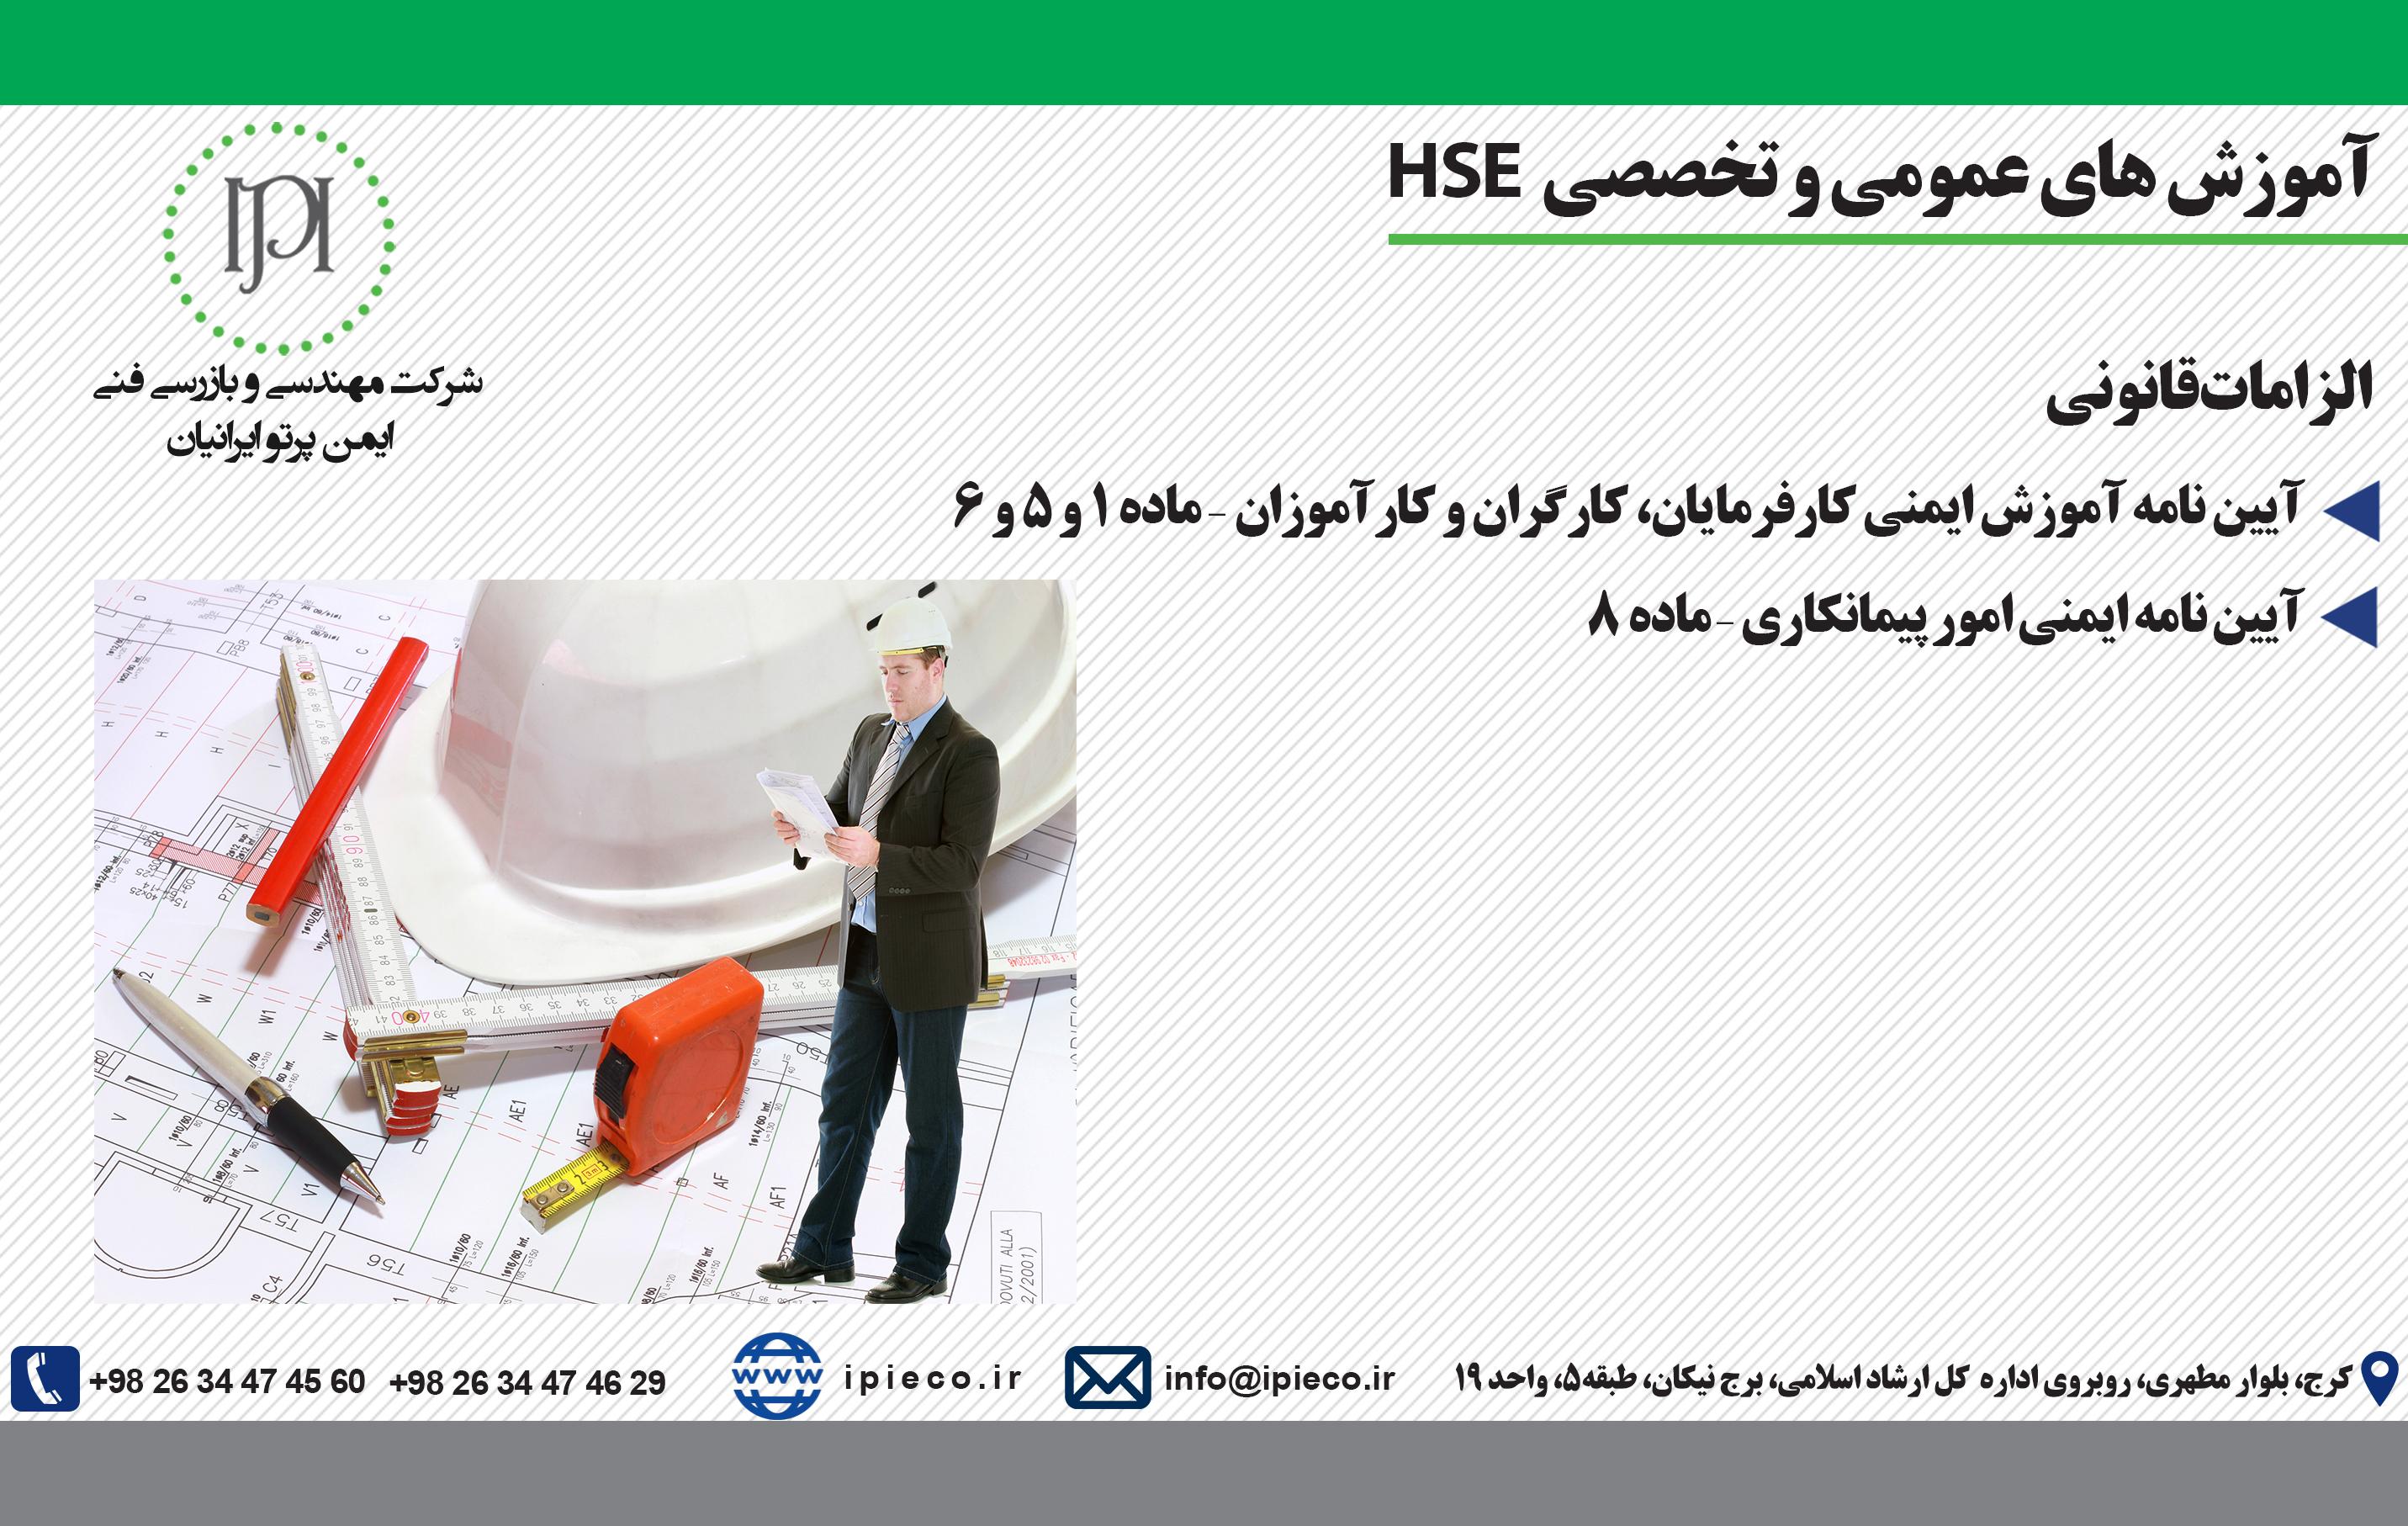 آموزش های ایمنی عمومی و آموزش تخصصی HSE